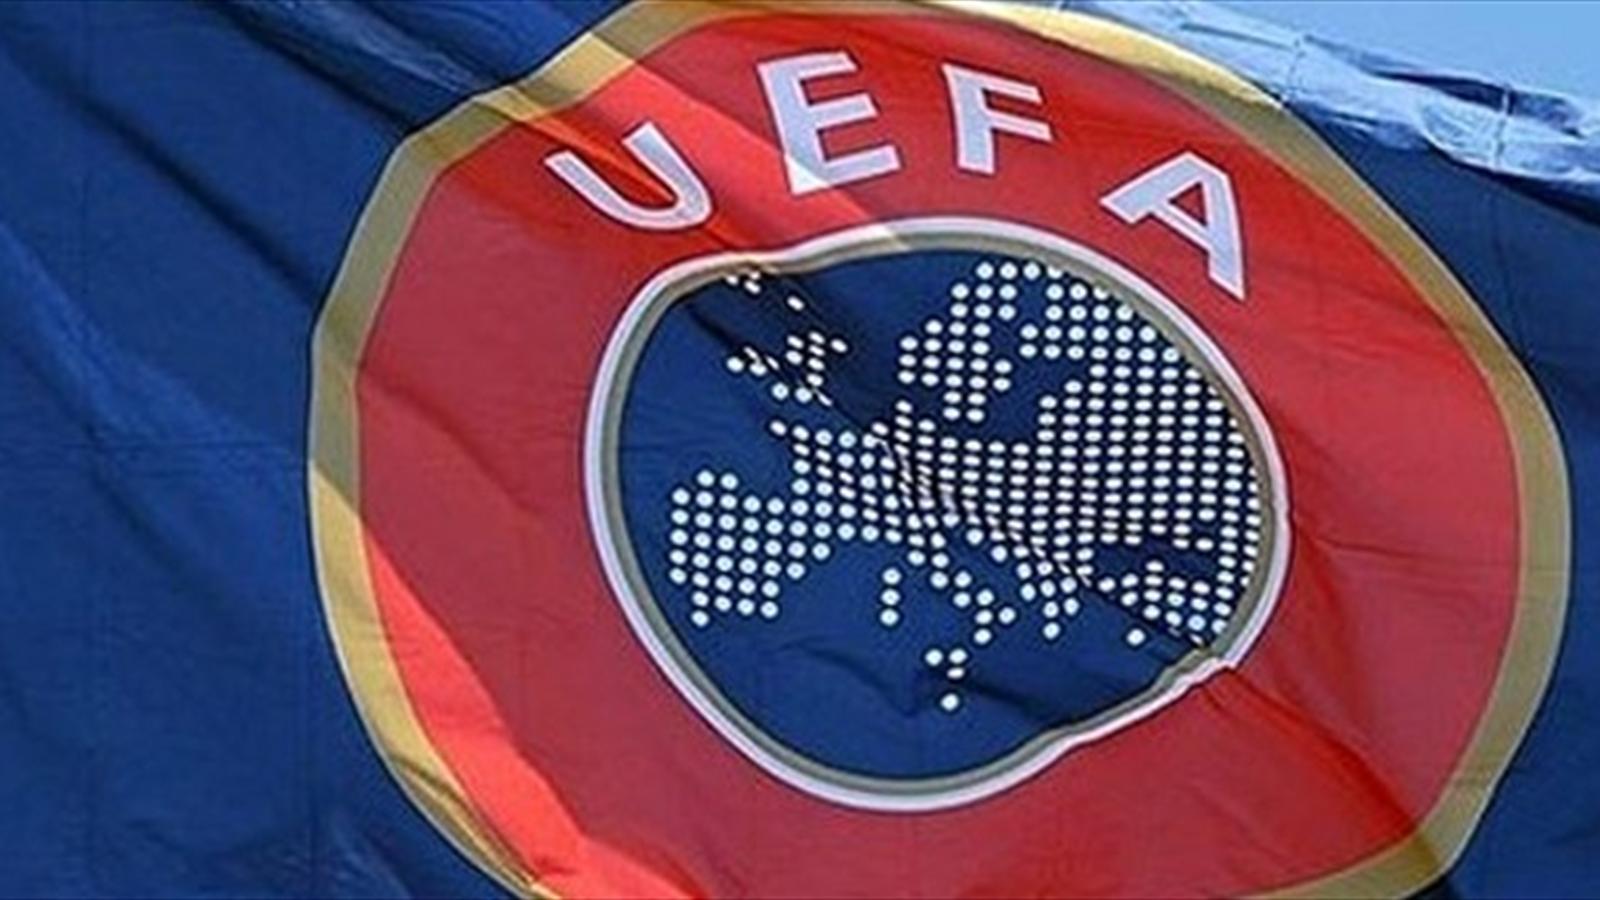 Le PSG va être sanctionné par l'UEFA, assure RMC